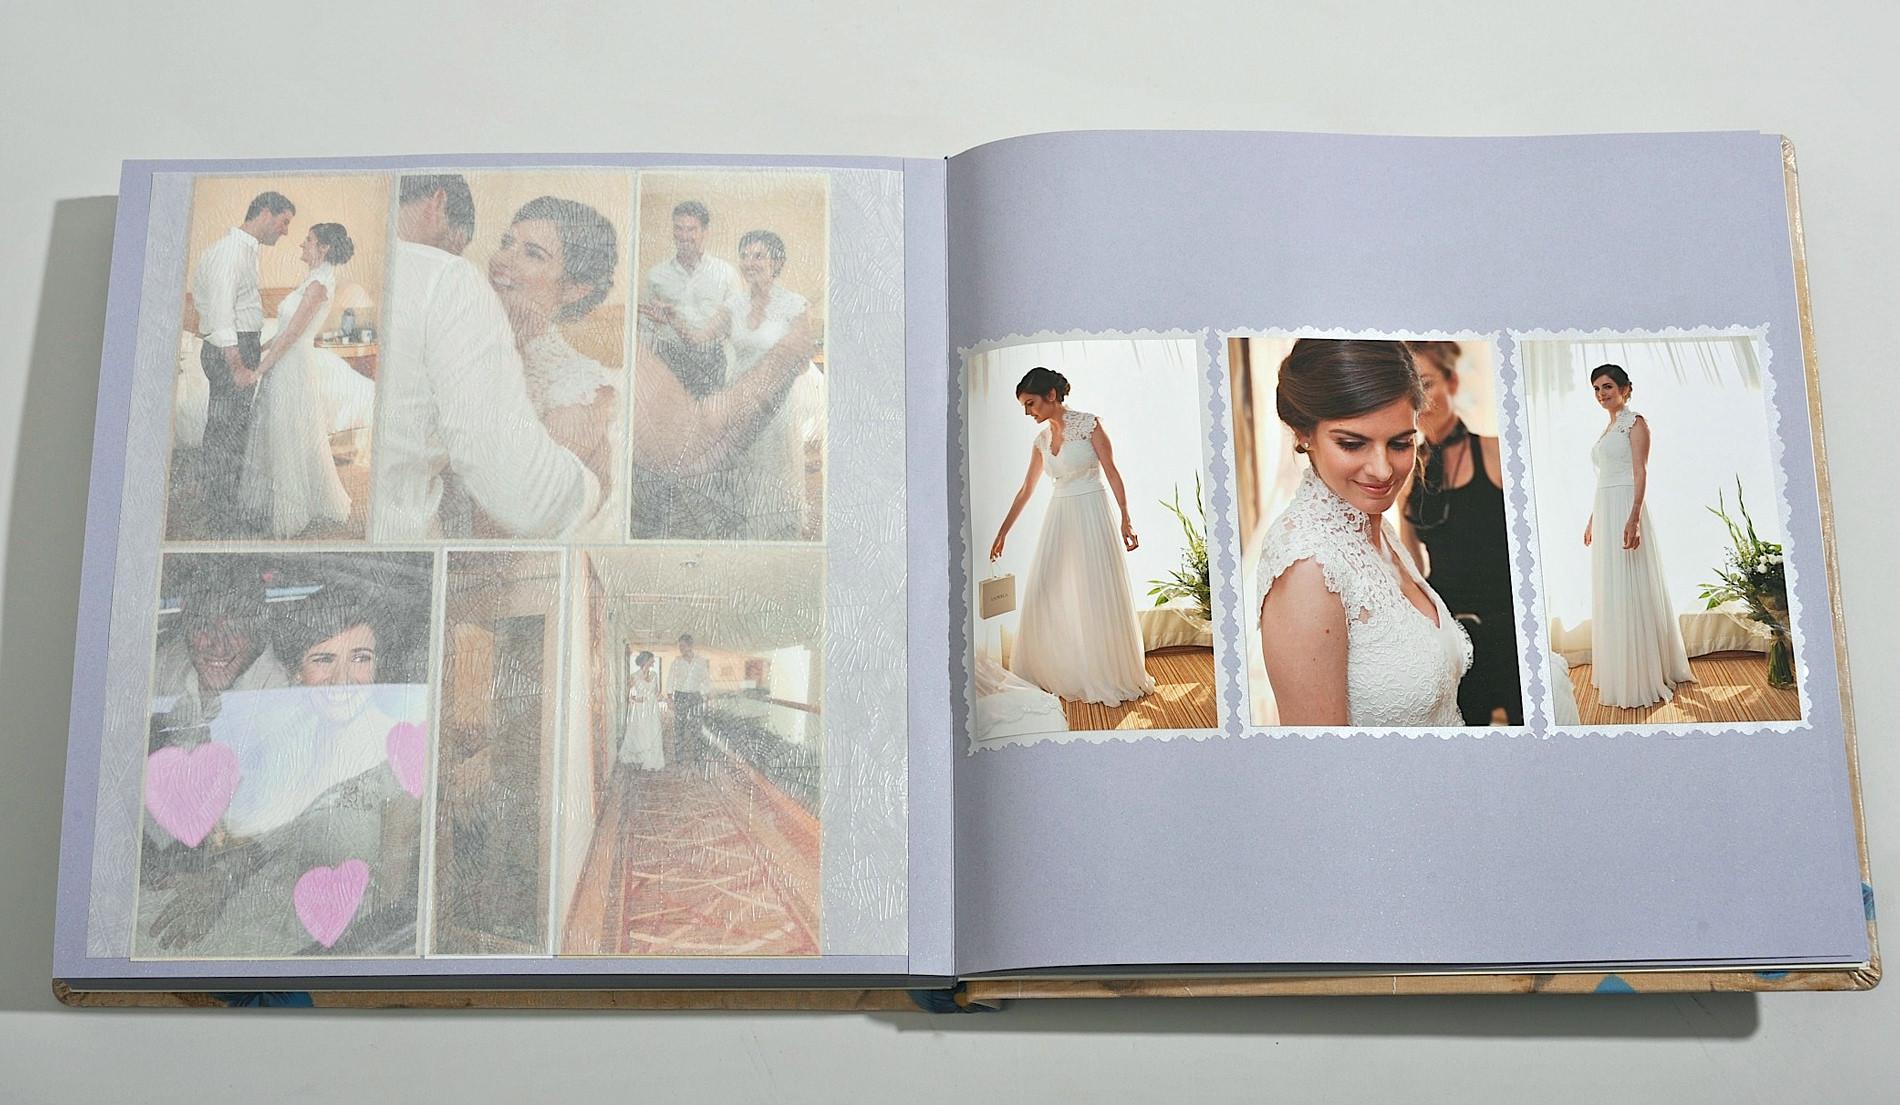 ליעד מאיר גיא צדר, חתונה מהסרטים